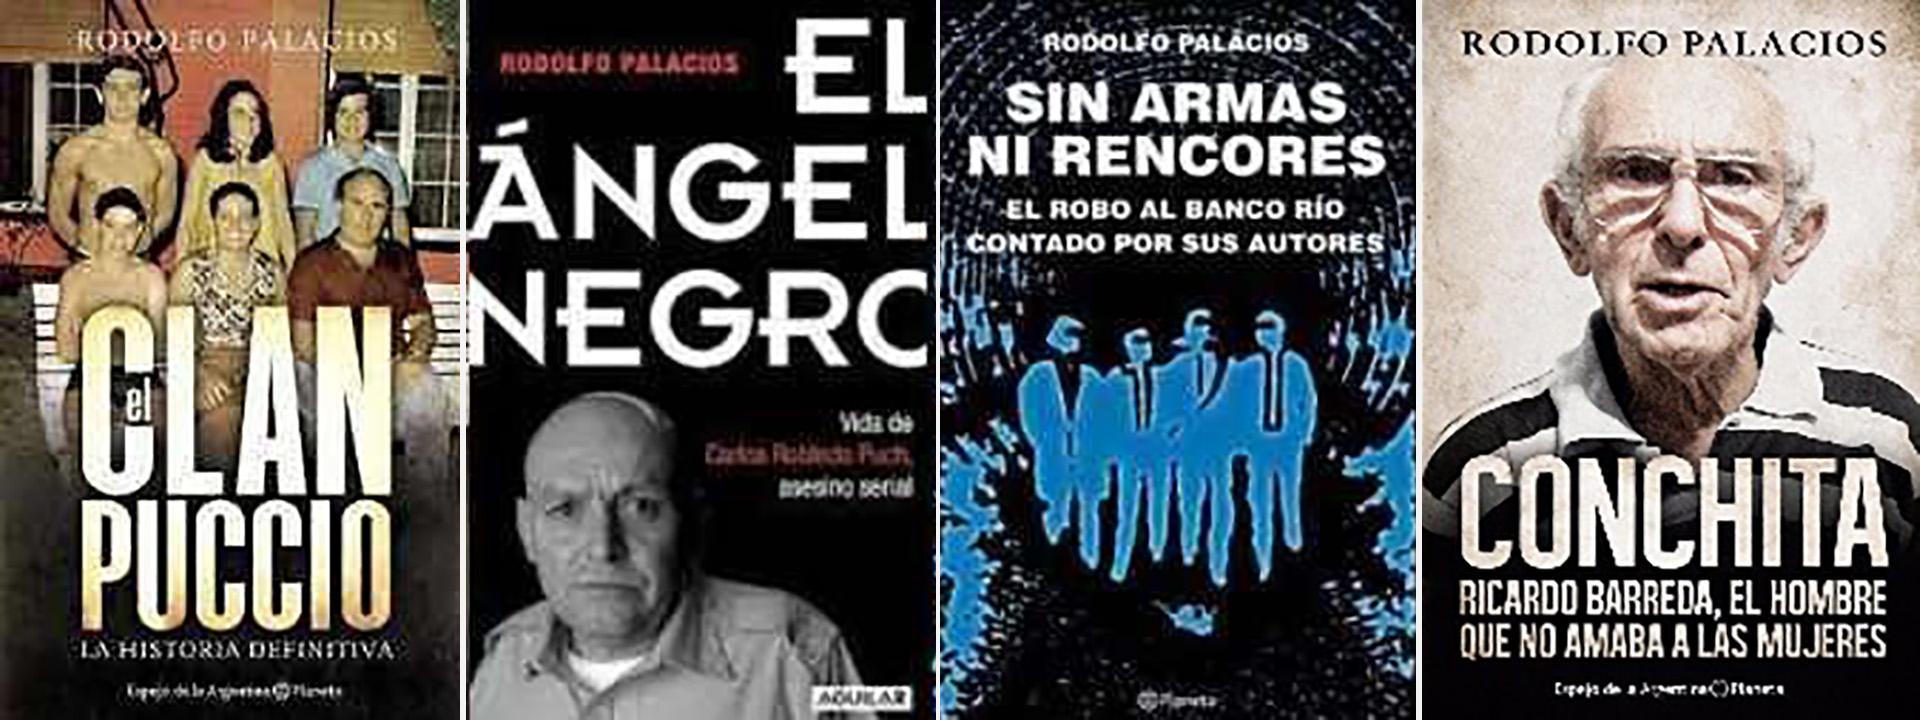 Los libros de Rodolfo Palacios.